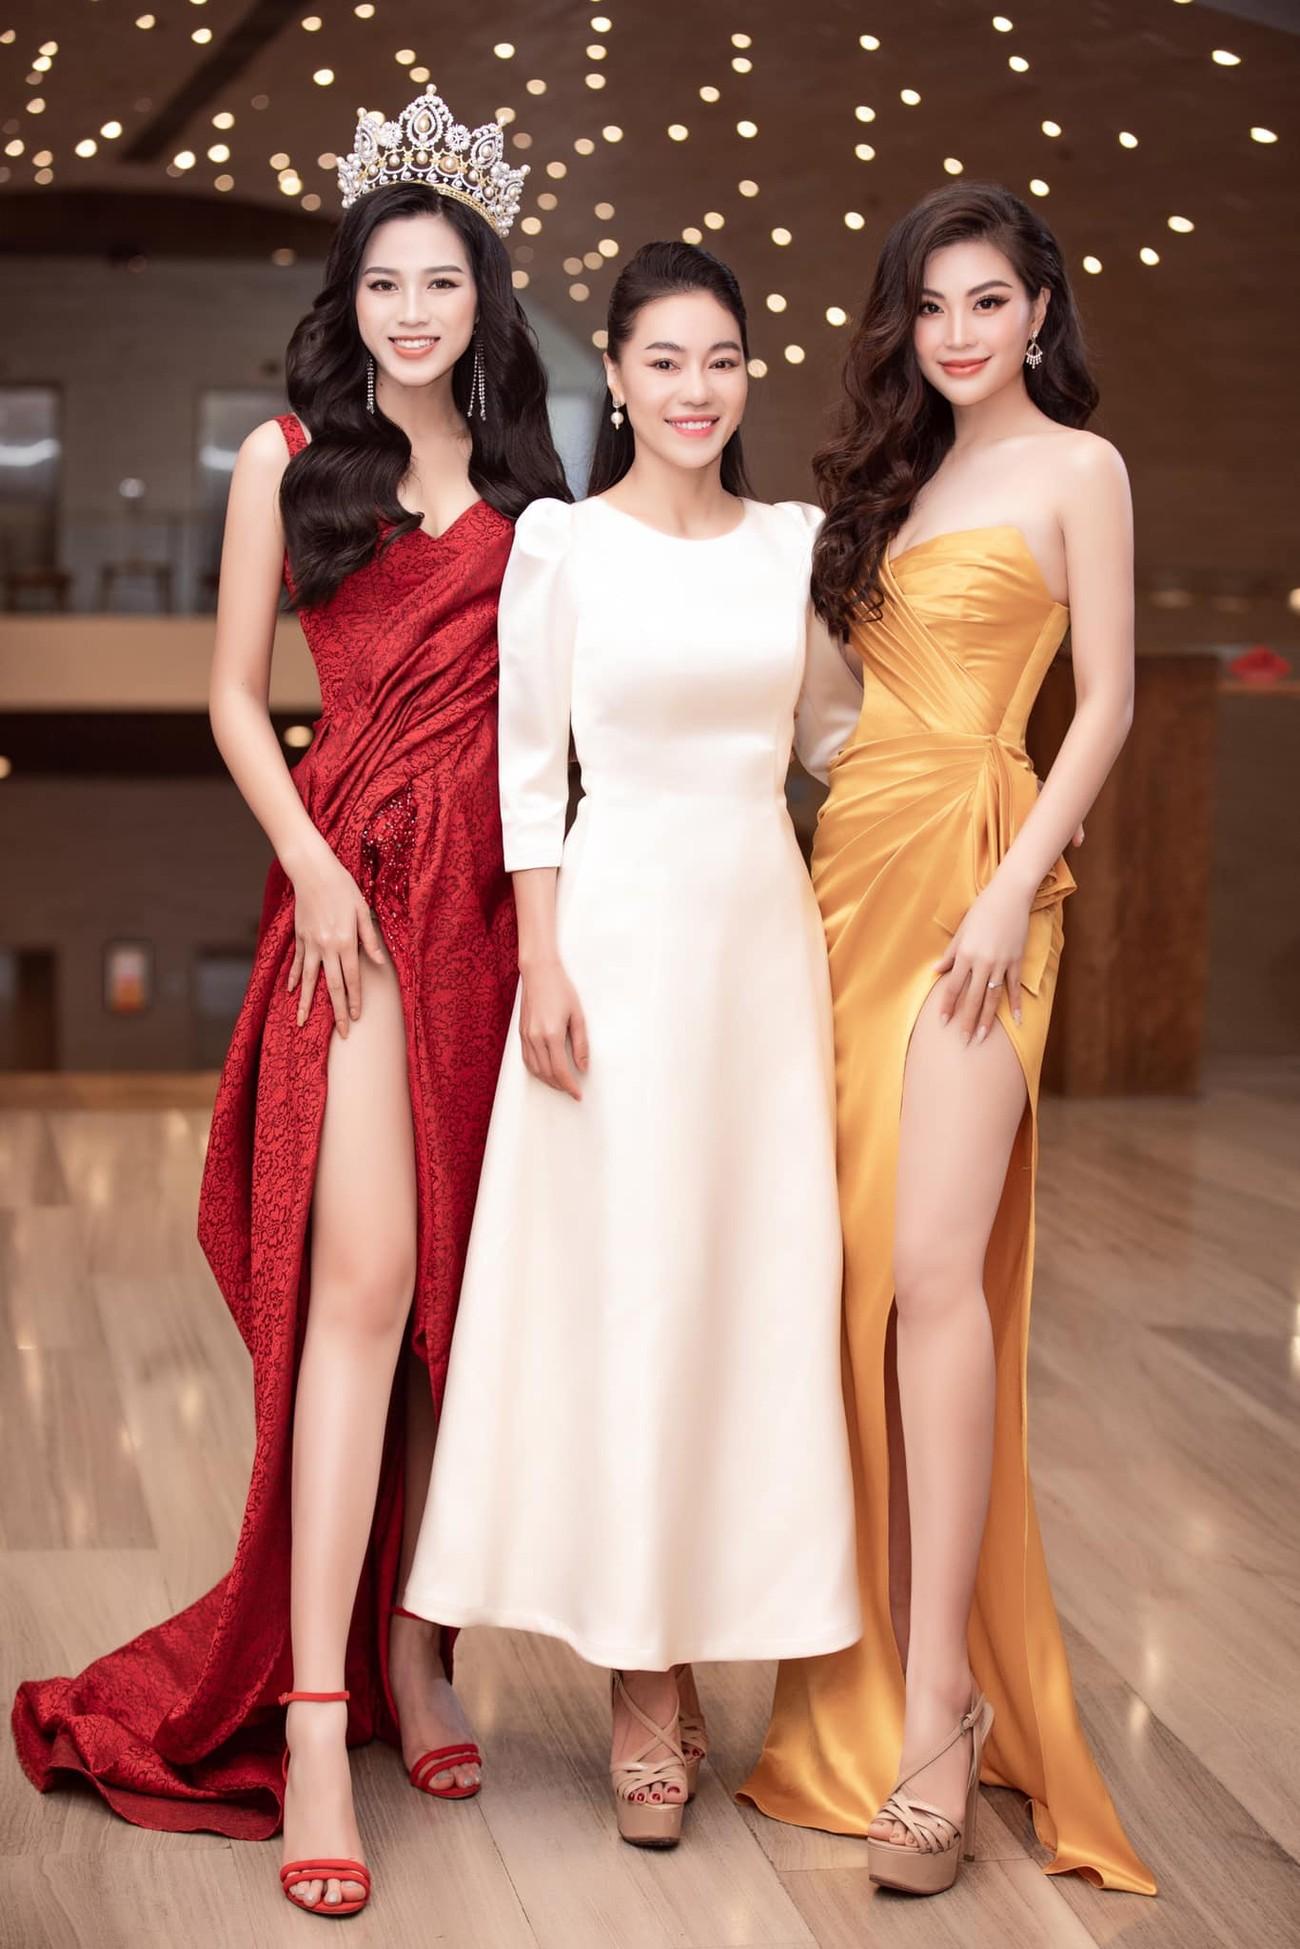 Tiếp tục chinh phục gam màu đỏ, Hoa hậu Đỗ Thị Hà khoe đôi chân 'cực phẩm' ảnh 4